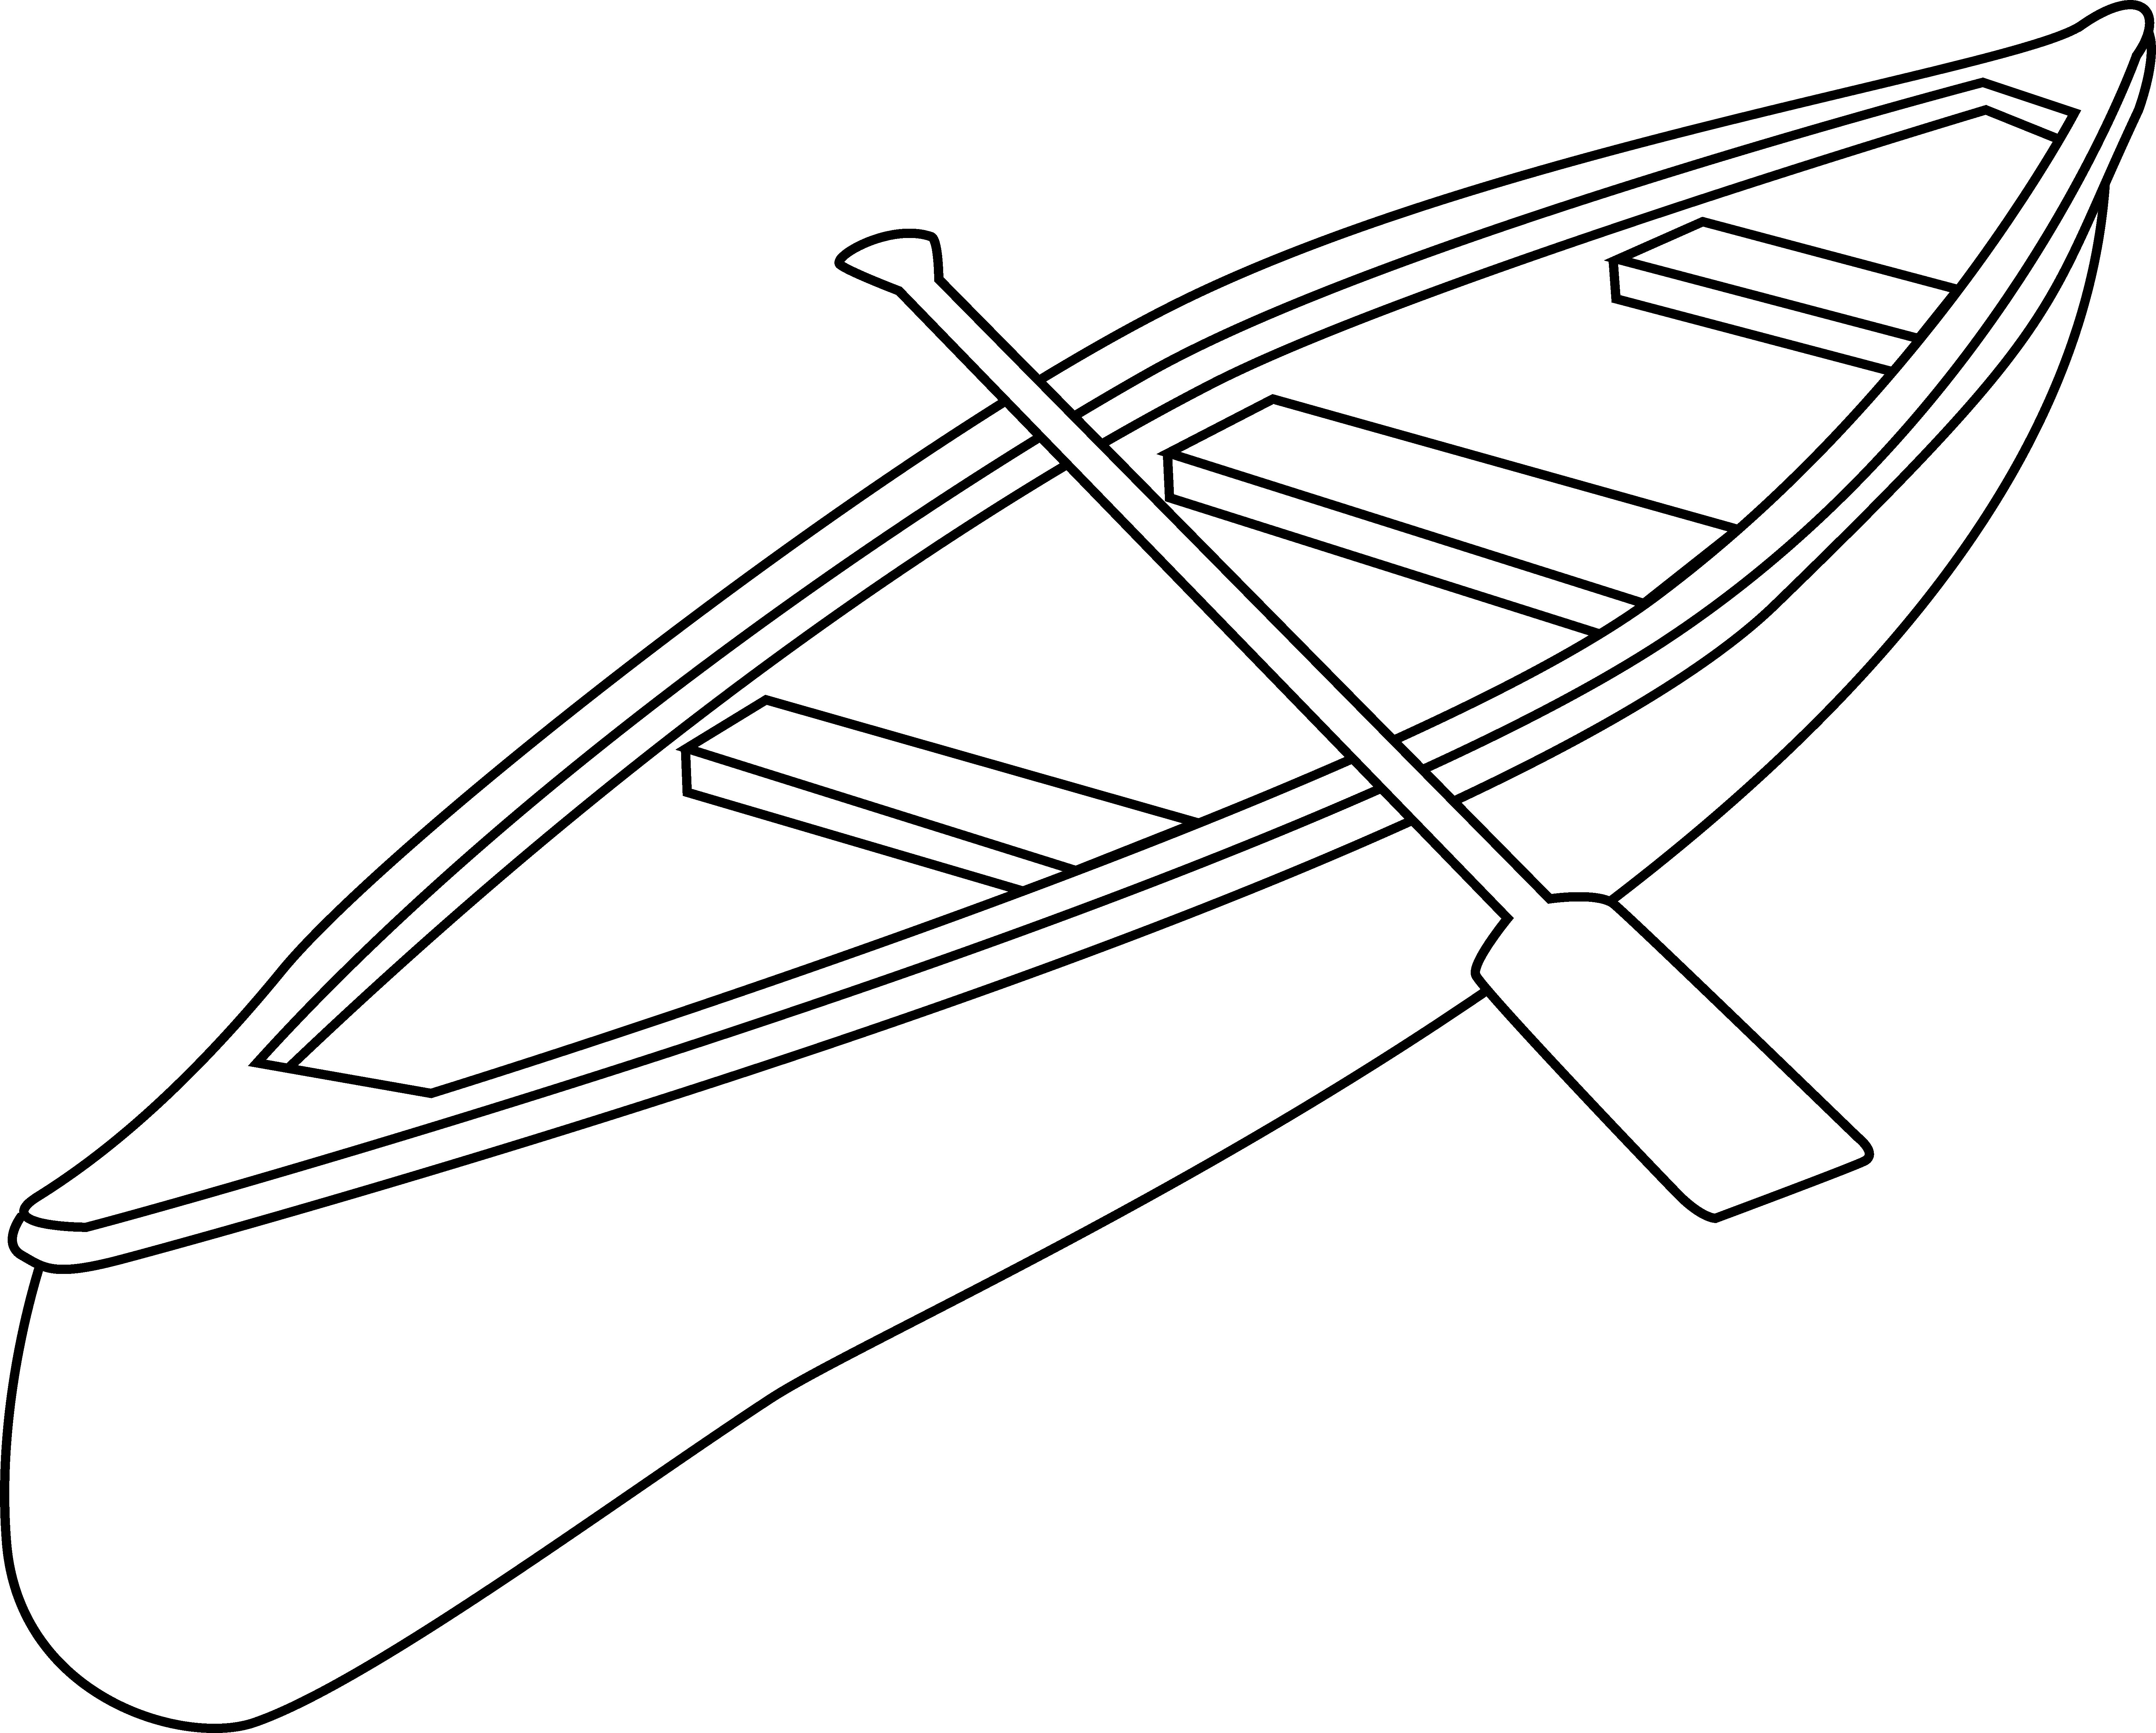 Black and white canoe clip art.